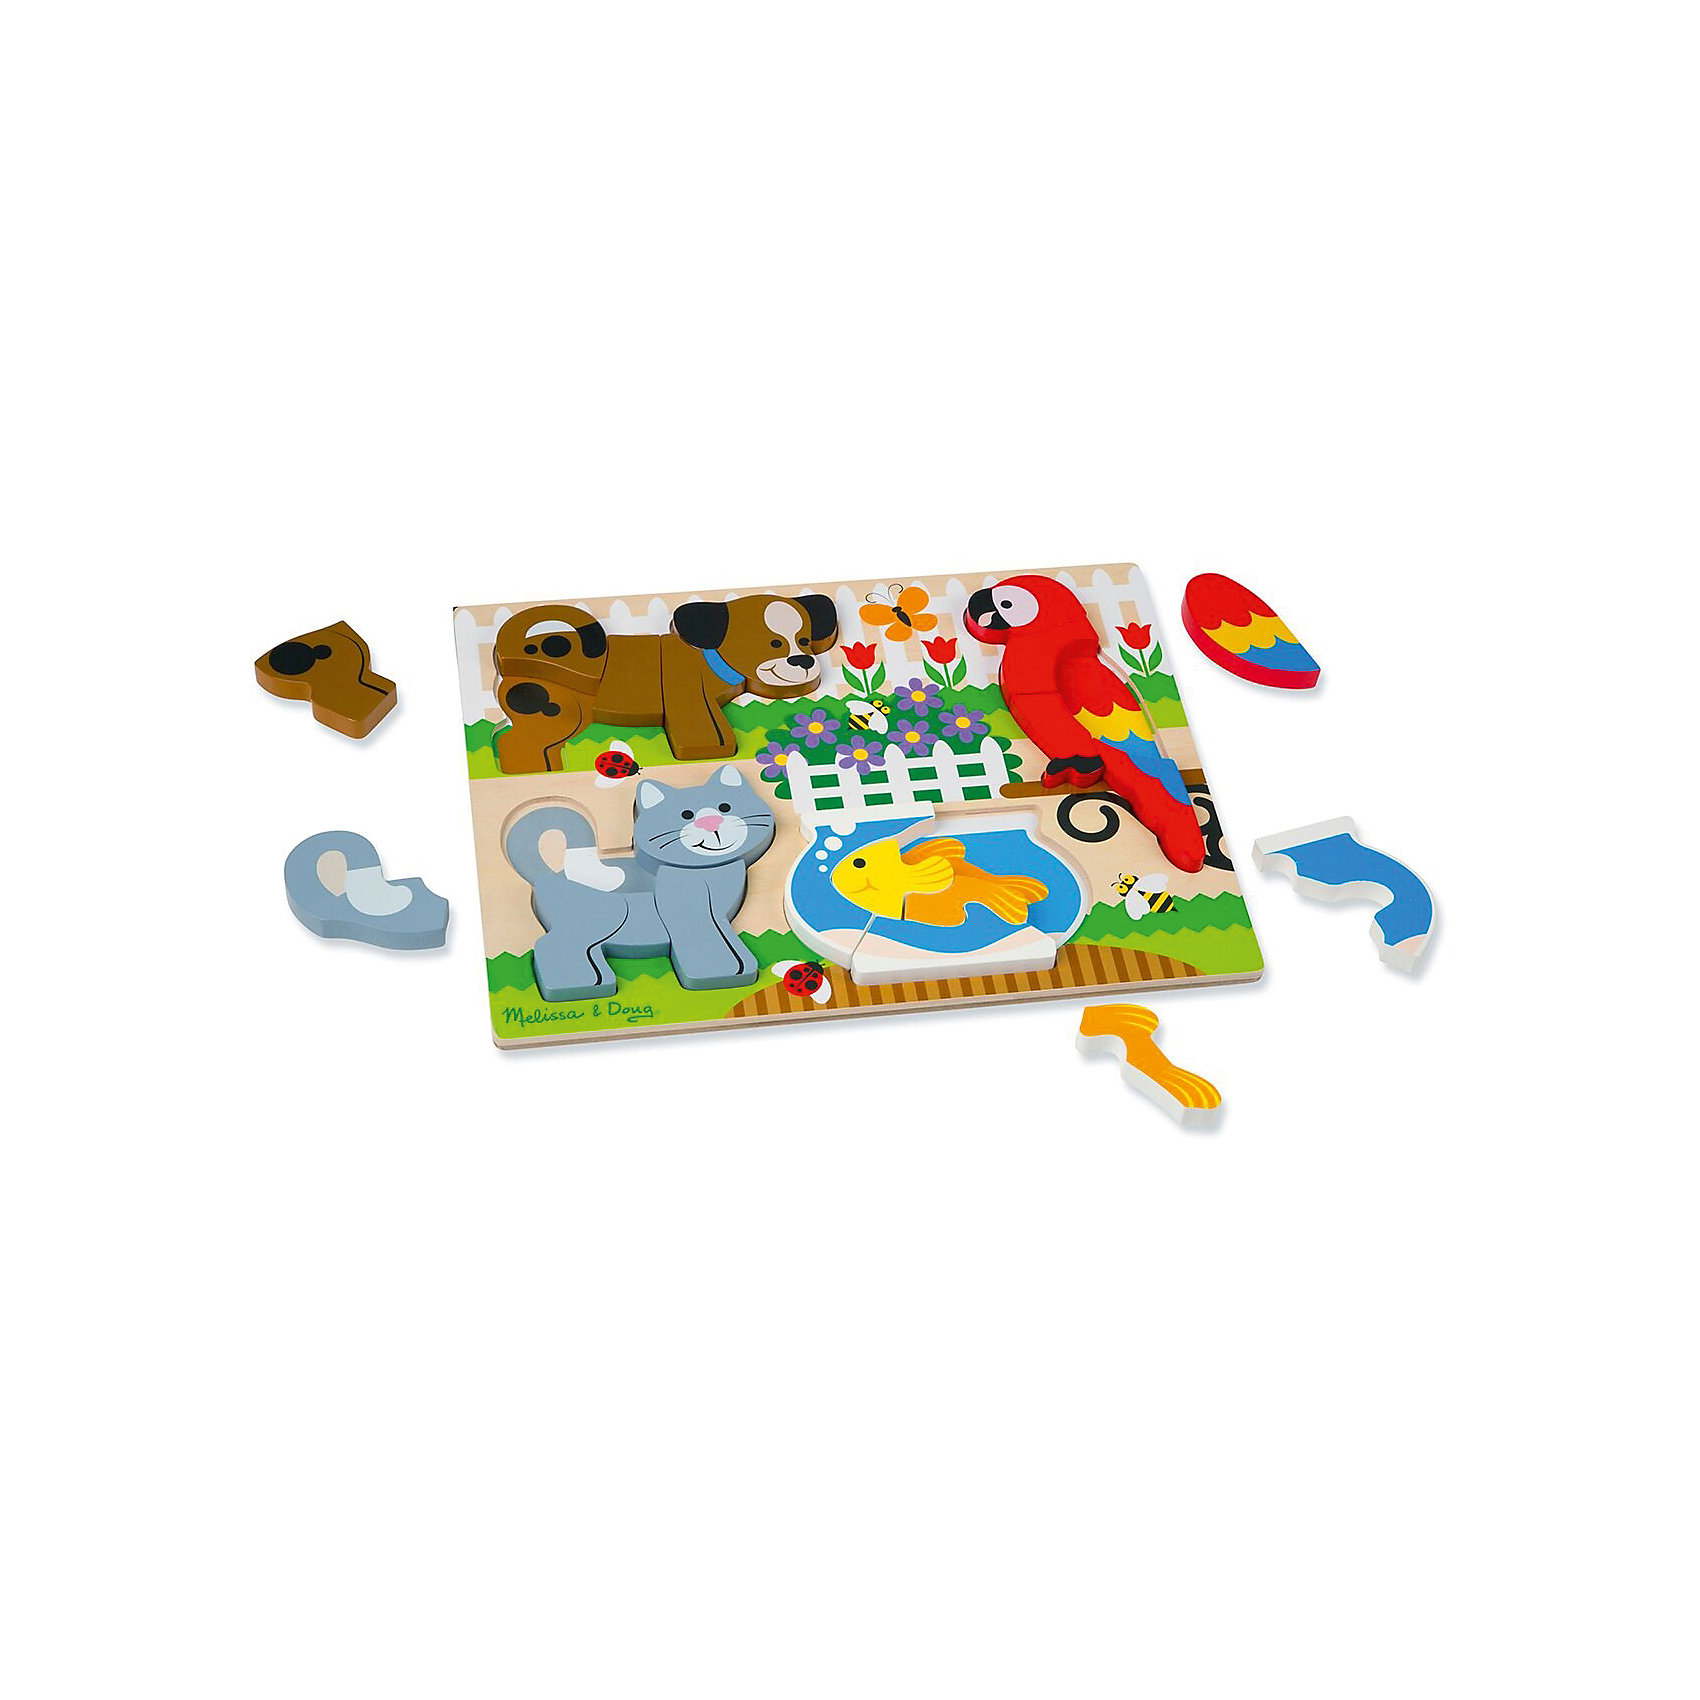 Мои первые пазлы Домашние животные, Melissa &amp; DougПазлы для малышей<br>Мои первые пазлы Домашние животные, Melissa &amp; Doug<br><br>Характеристики:<br><br>• В набор входит: рамка, детали пазла<br>• Количество деталей: 20 шт.<br>• Размер пазла: 40 * 3 * 30 см.<br>• Состав: дерево, картон, ПВХ<br>• Вес: 1430 г.<br>• Для детей в возрасте: от 2 до 4 лет<br>• Страна производитель: Китай<br><br>С этим пазлом вы можете собрать сразу четырёх домашних любимцев: собачку, кошечку, попугайчика и золотую рыбку. Под каждым животным расположена соответствующая картинка, чтобы малыш мог сопоставлять детали пазла и размещать их.  Каждое животное состоит из 4х, 5ти или 6ти деталей. Вы можете собирать с ребёнком каждую картинку по отдельности или усложнить задачу перемешав детали всех четырёх животных. Вы можете выучить цвета, названия животных и развивать самооценку малыша, ведь он сможет собрать все картинки самостоятельно! <br><br>Мои первые пазлы Домашние животные, Melissa &amp; Doug можно купить в нашем интернет-магазине.<br><br>Ширина мм: 400<br>Глубина мм: 30<br>Высота мм: 300<br>Вес г: 1429<br>Возраст от месяцев: 24<br>Возраст до месяцев: 2147483647<br>Пол: Унисекс<br>Возраст: Детский<br>SKU: 5451050